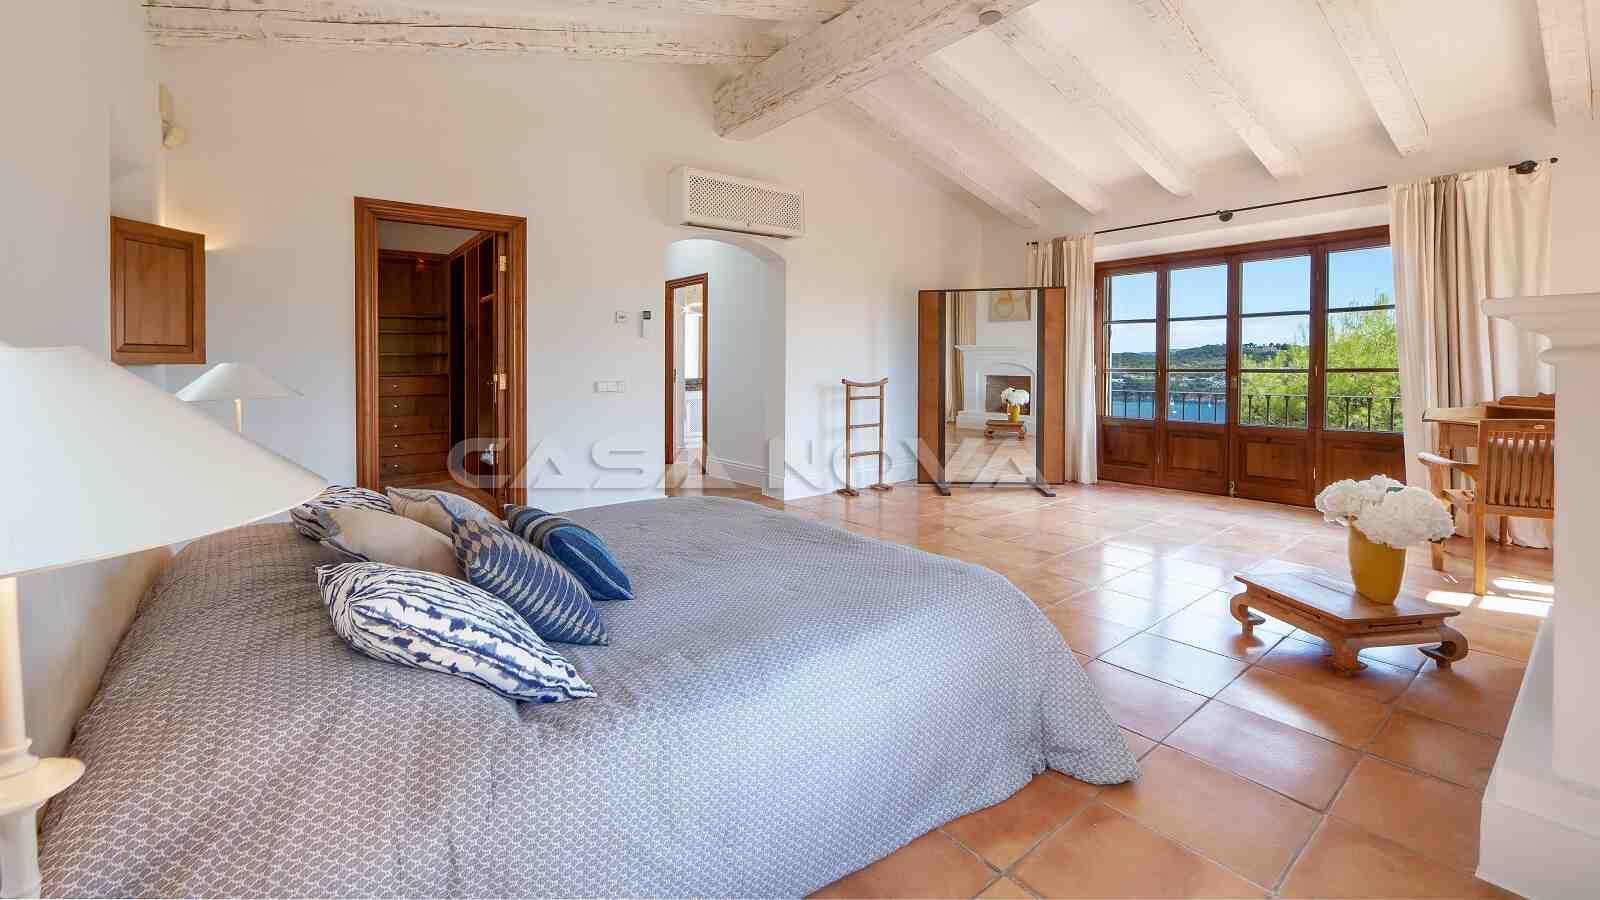 Grosses Hauptschlafzimmer mit Meerblick